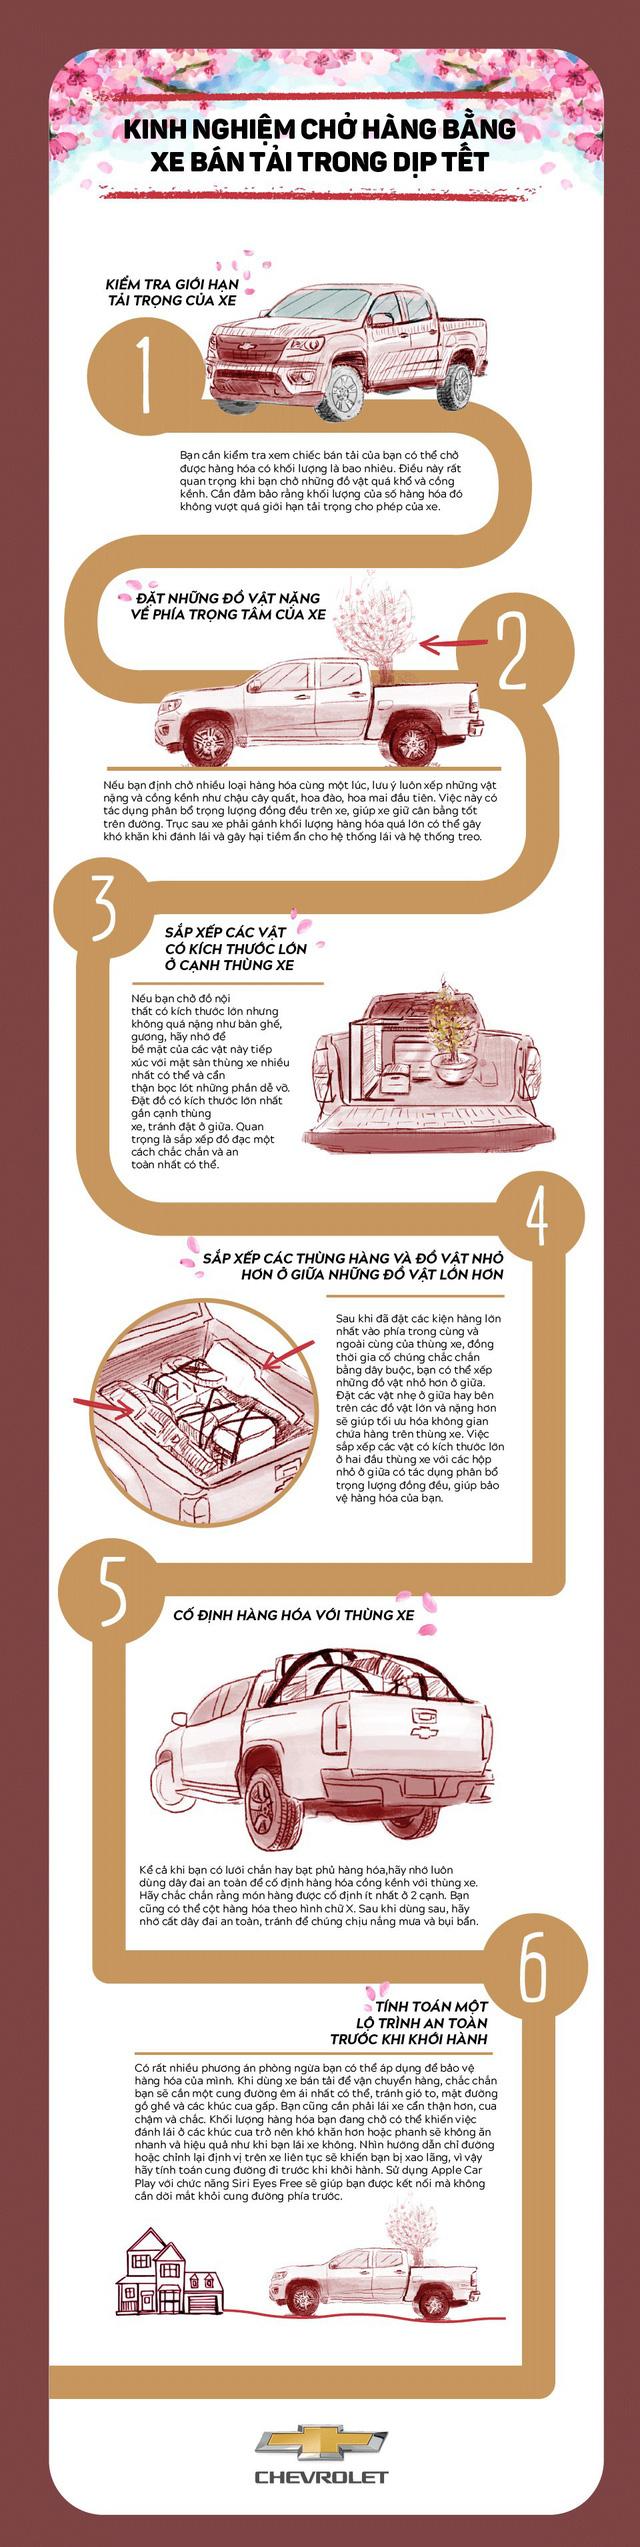 [Infographic] Kinh nghiệm chở hàng bằng xe bán tải trong dịp Tết Mậu Tuất - Ảnh 1.